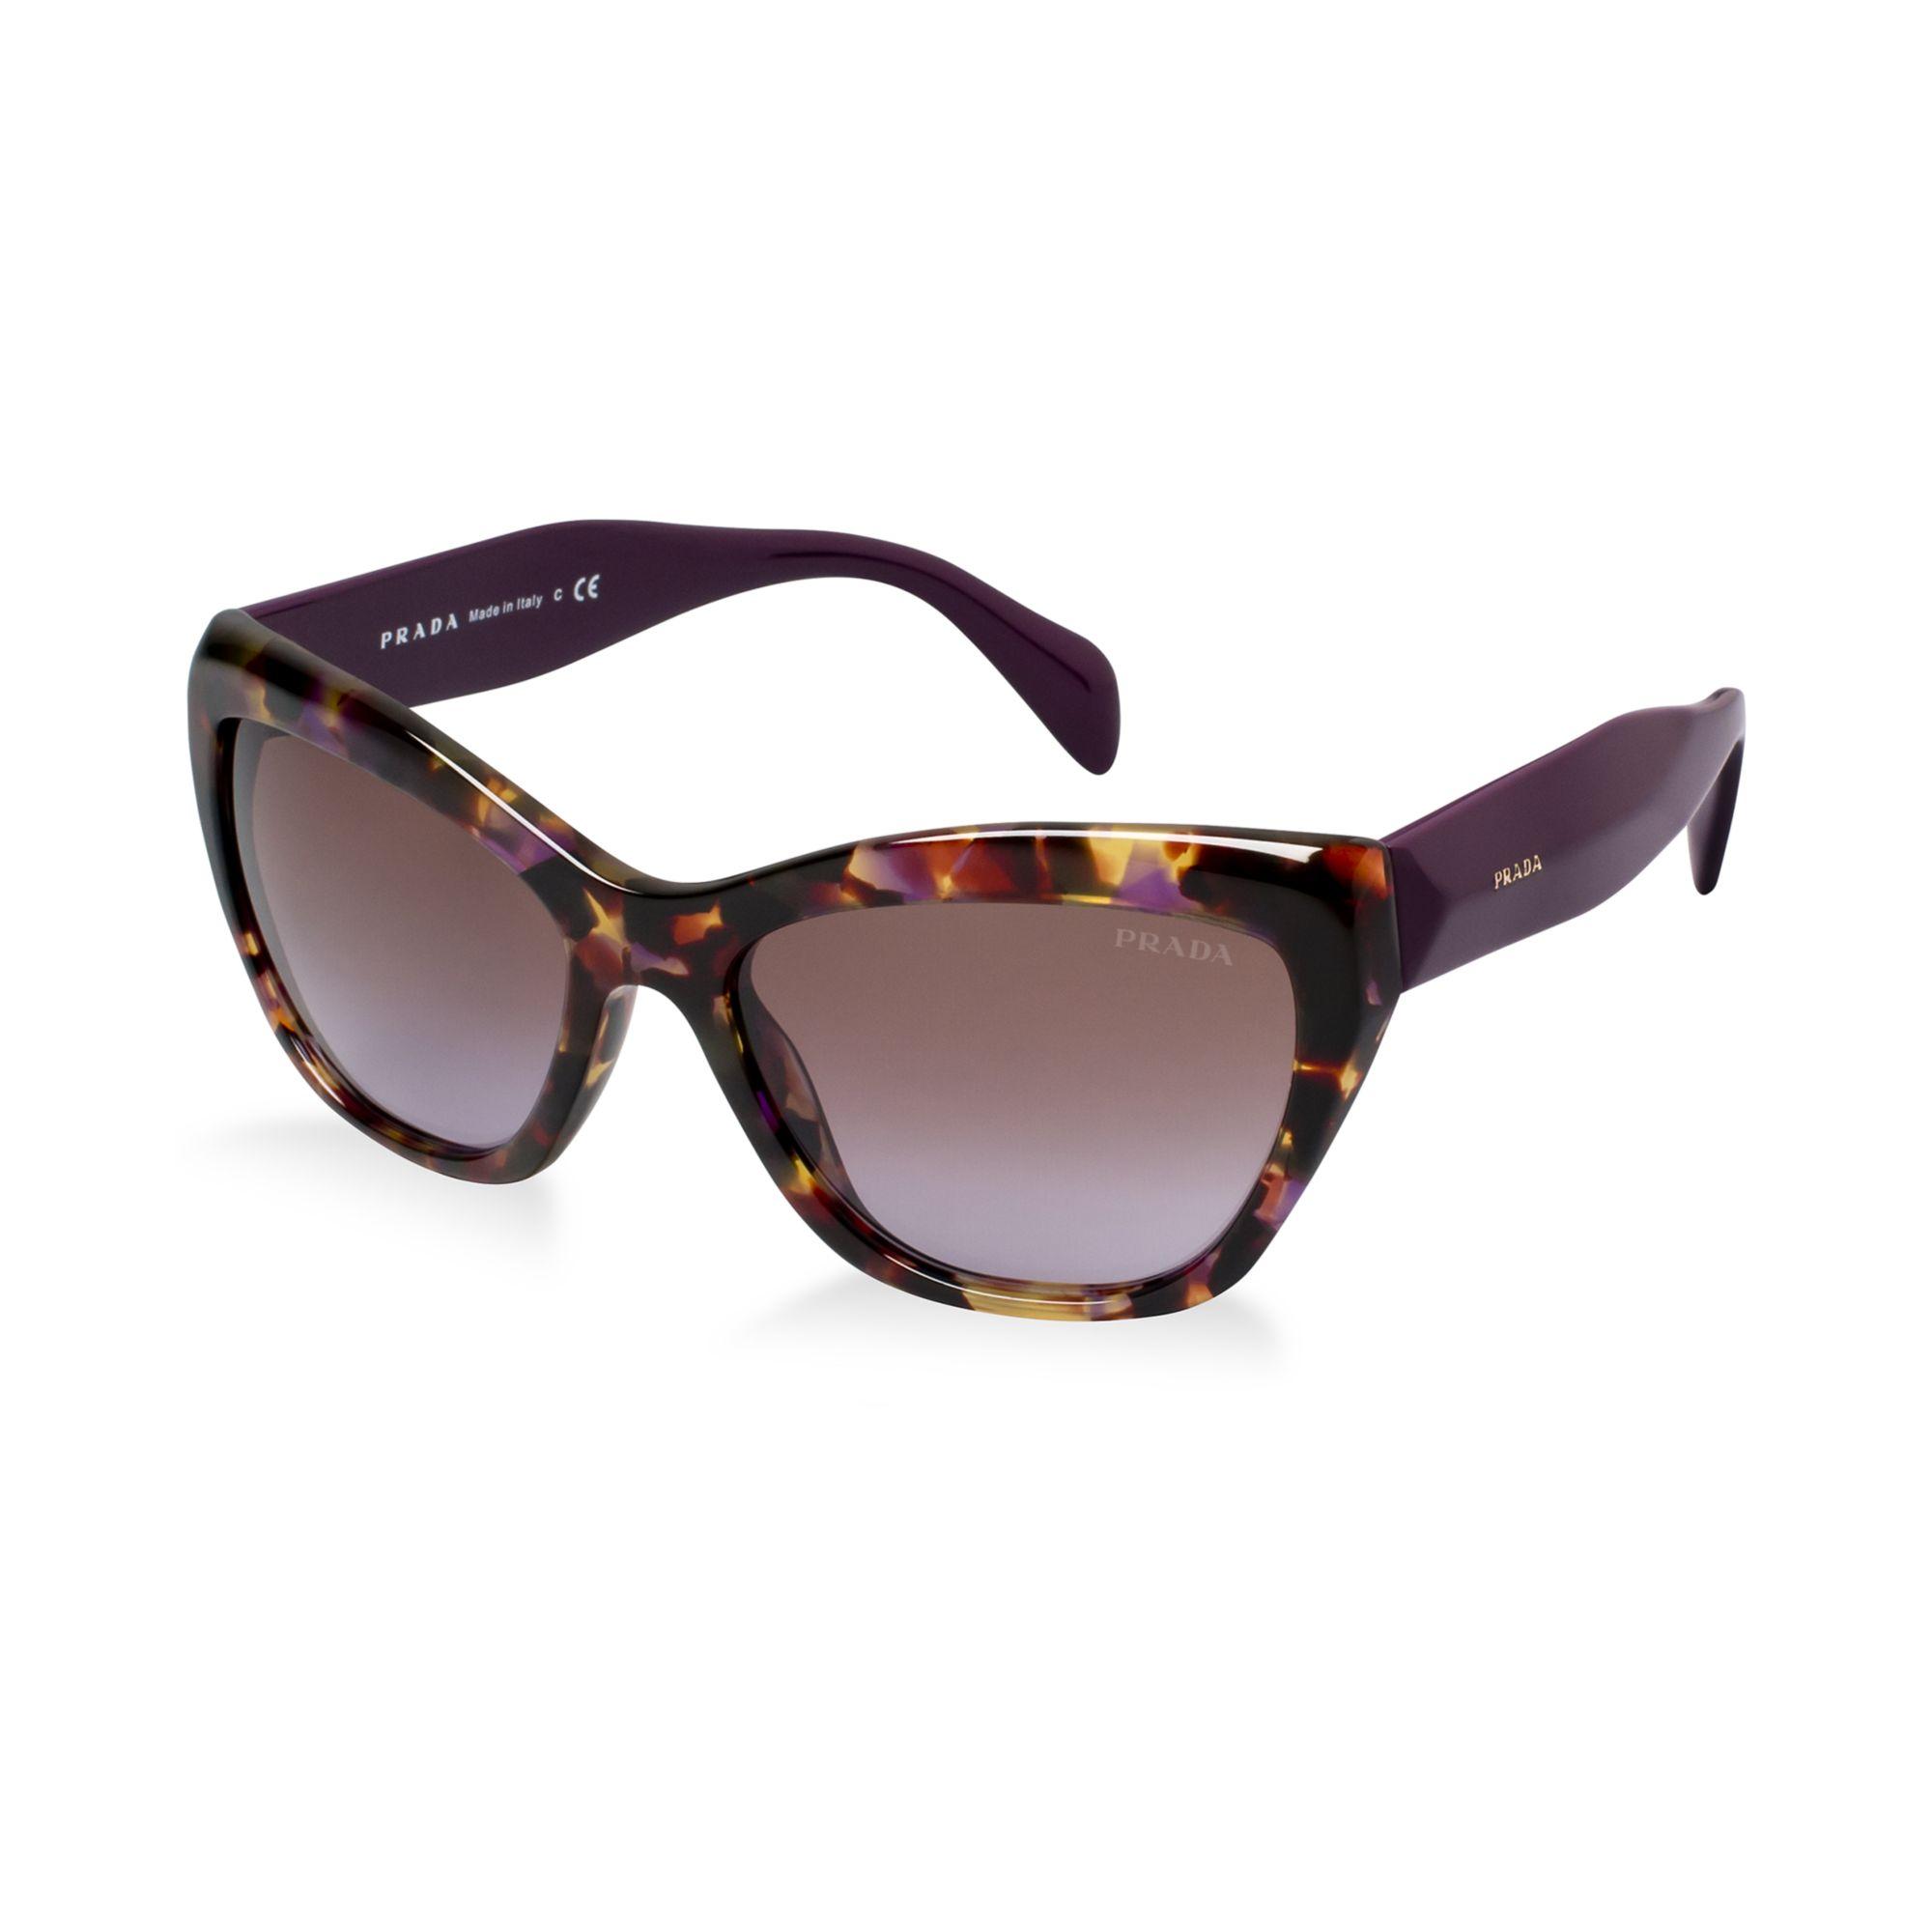 Prada Sunglasses in Purple (TORTOISE PURPLE/PURPLE) Lyst